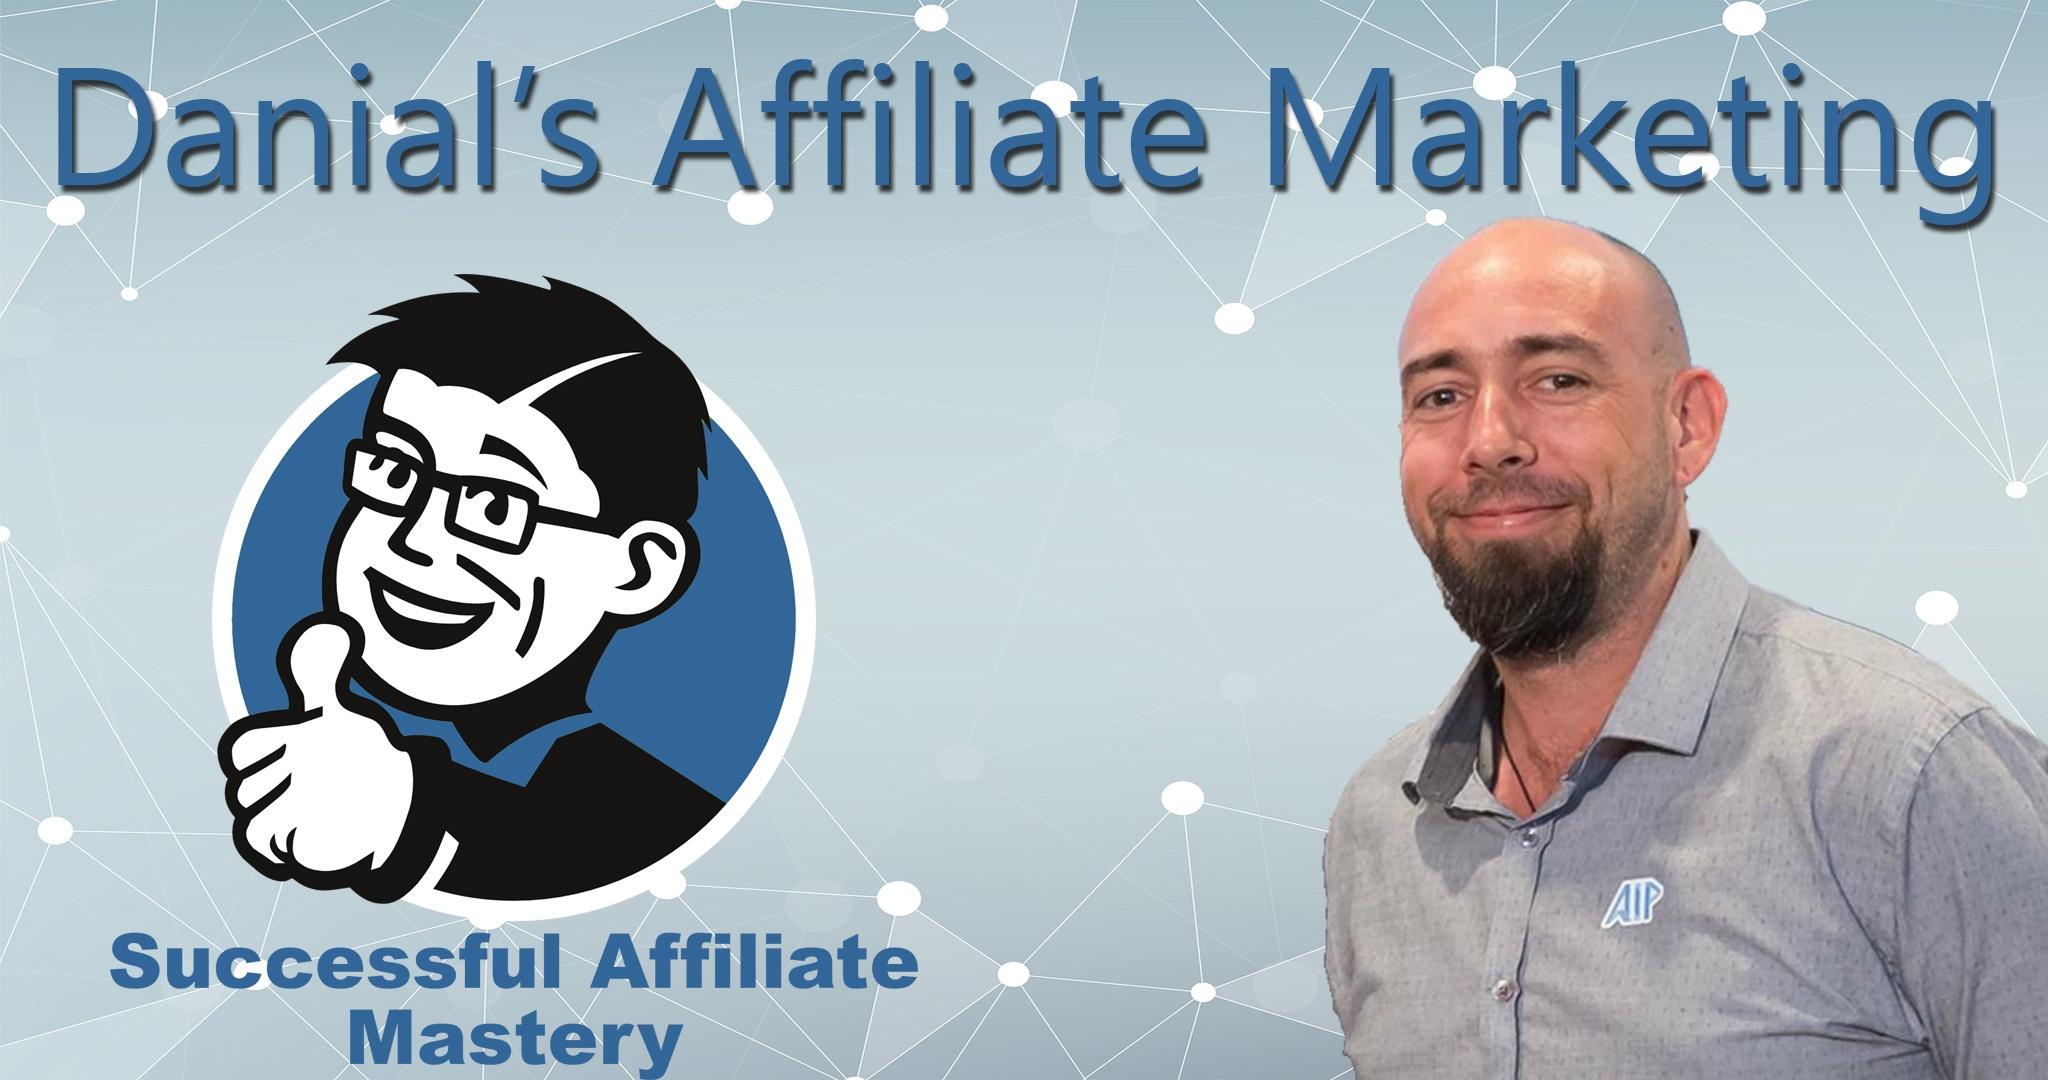 Danial Affiliate Marketing image